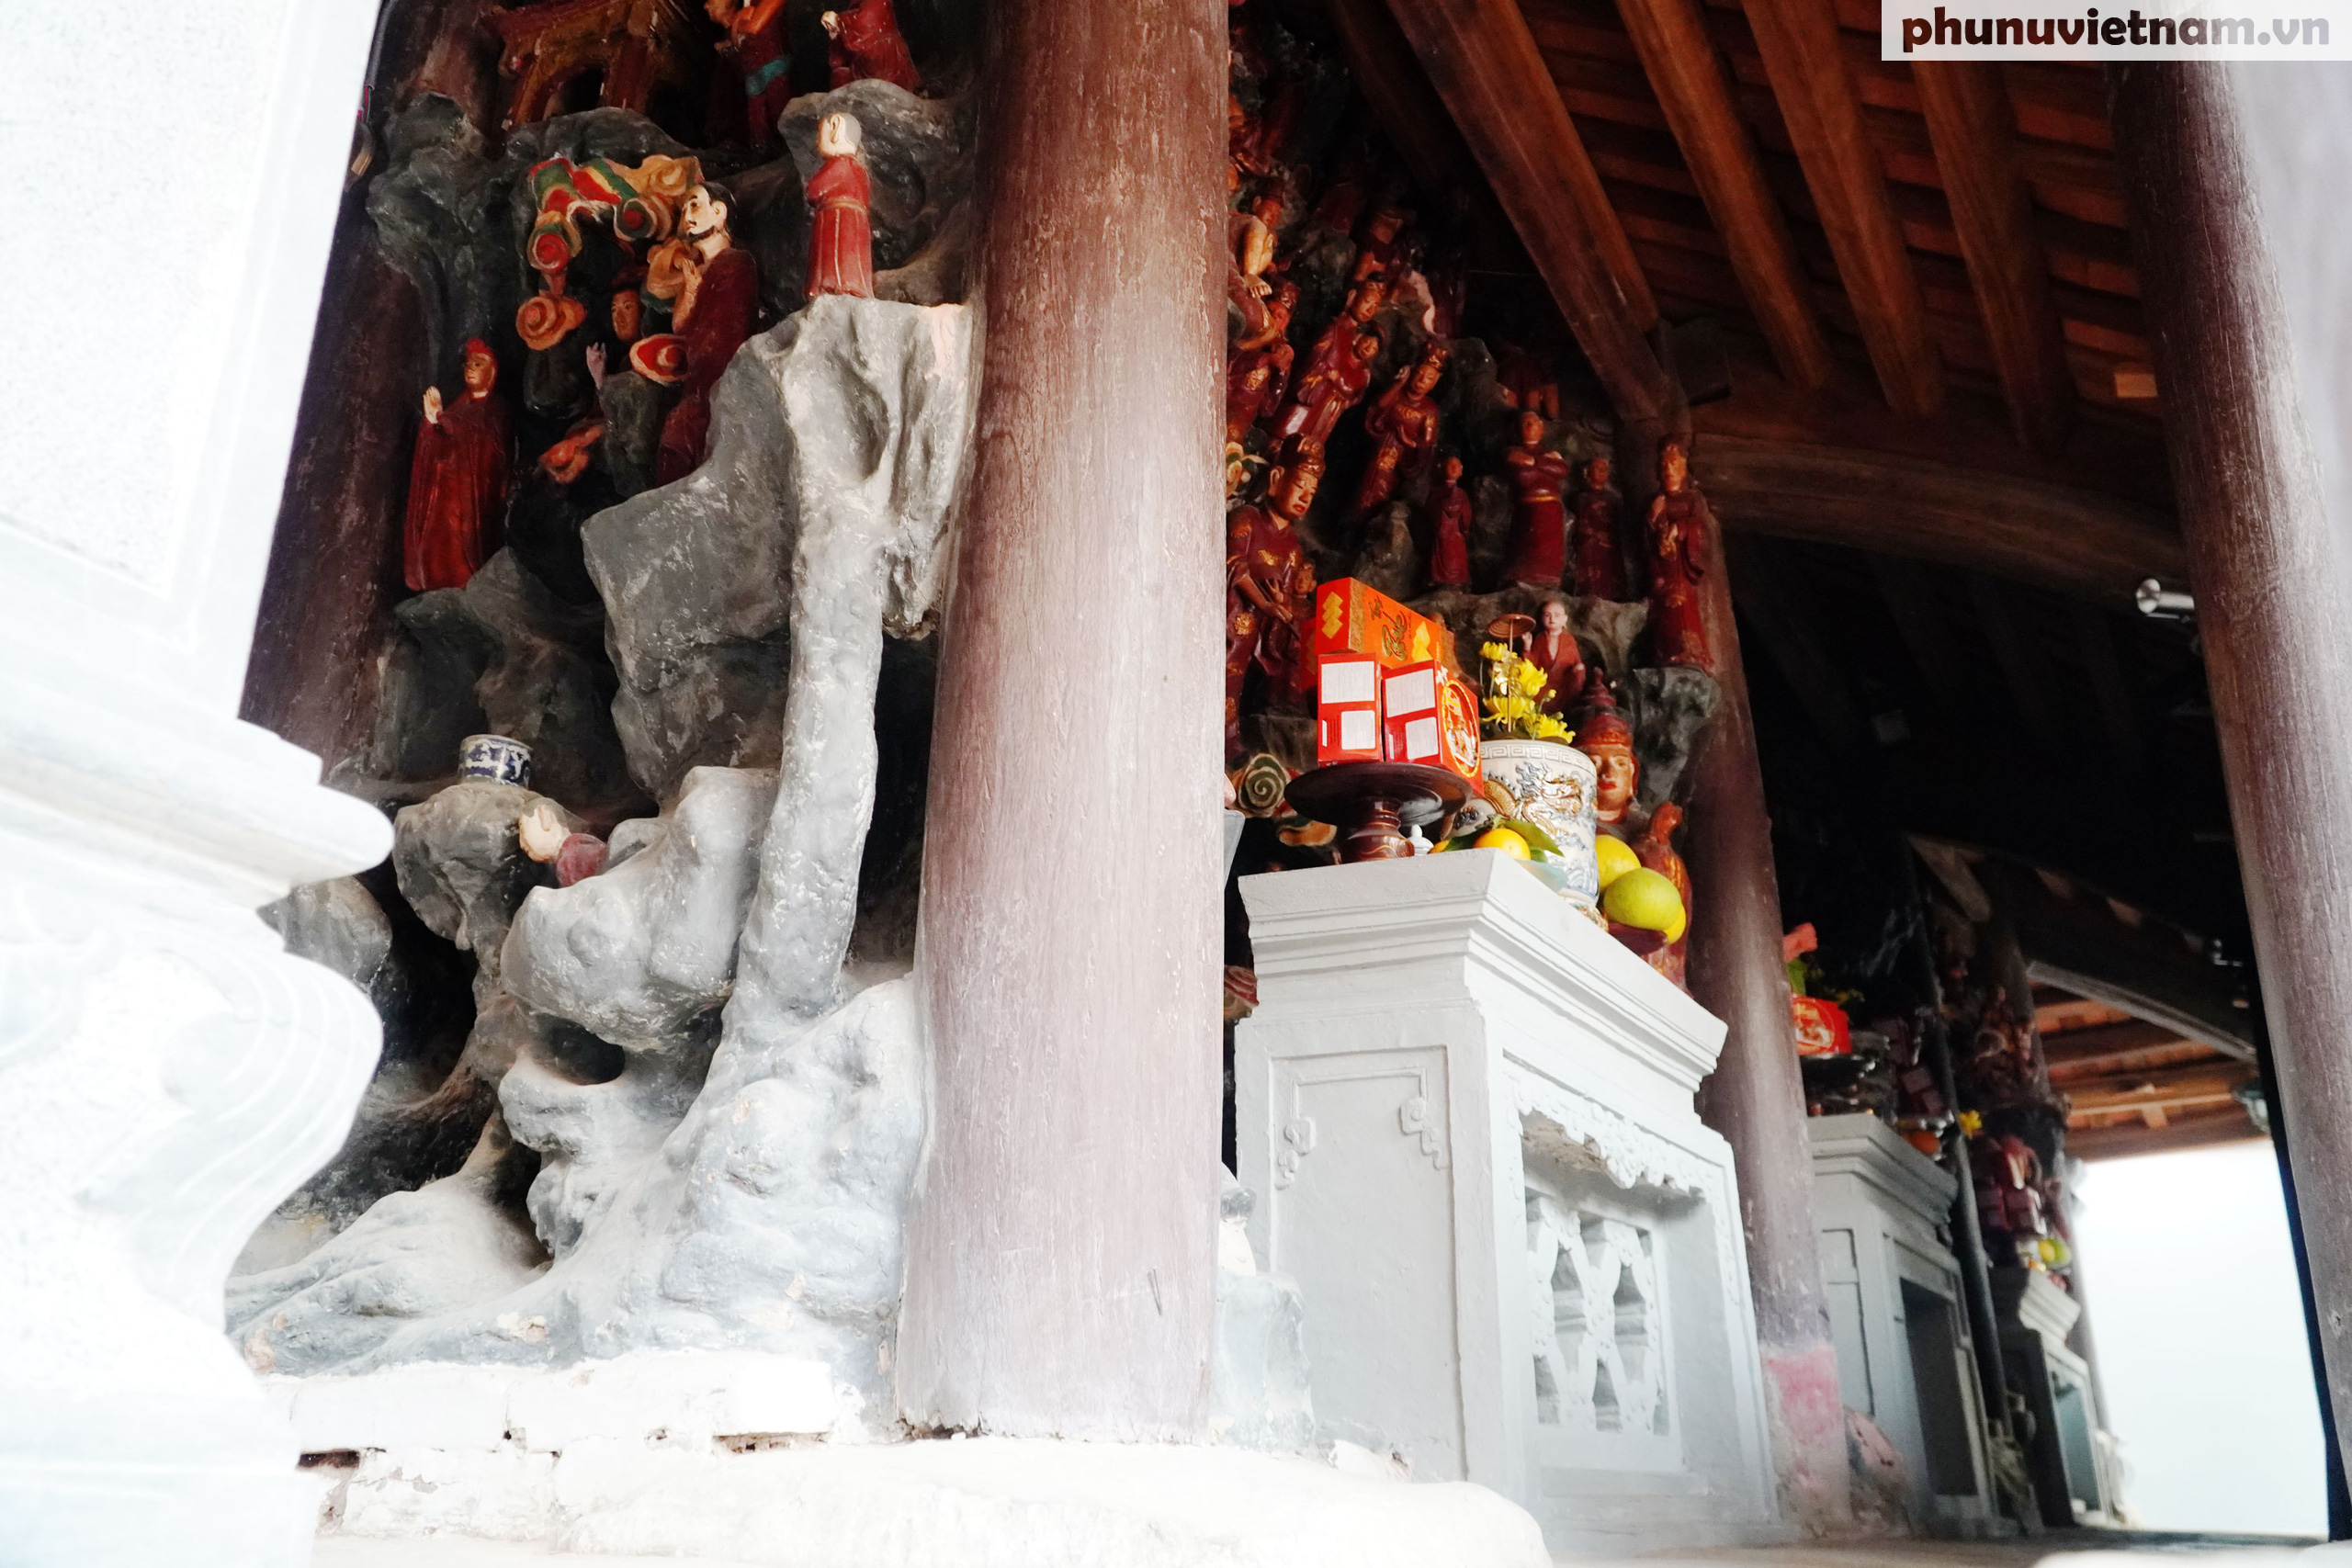 Ngỡ ngàng trước những kiệt tác bằng đất sét trên 200 tuổi về đạo Phật - Ảnh 2.